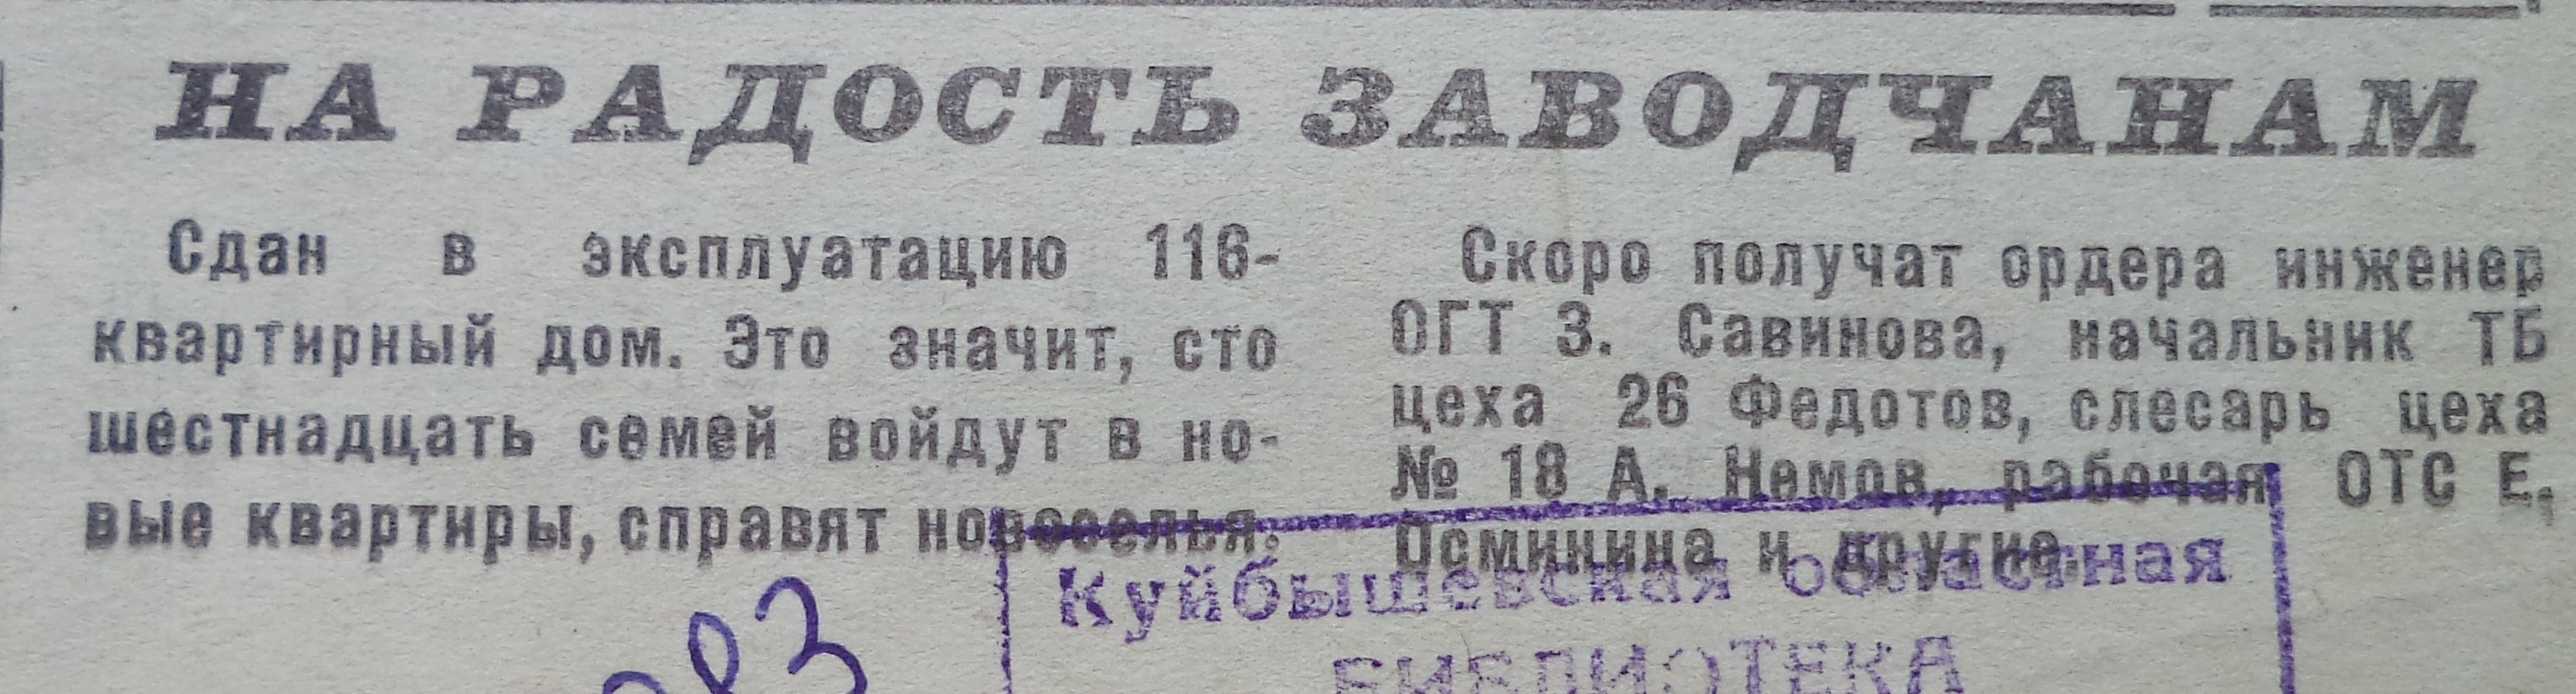 Ташкентская-ФОТО-30-Новатор-1972-7 января